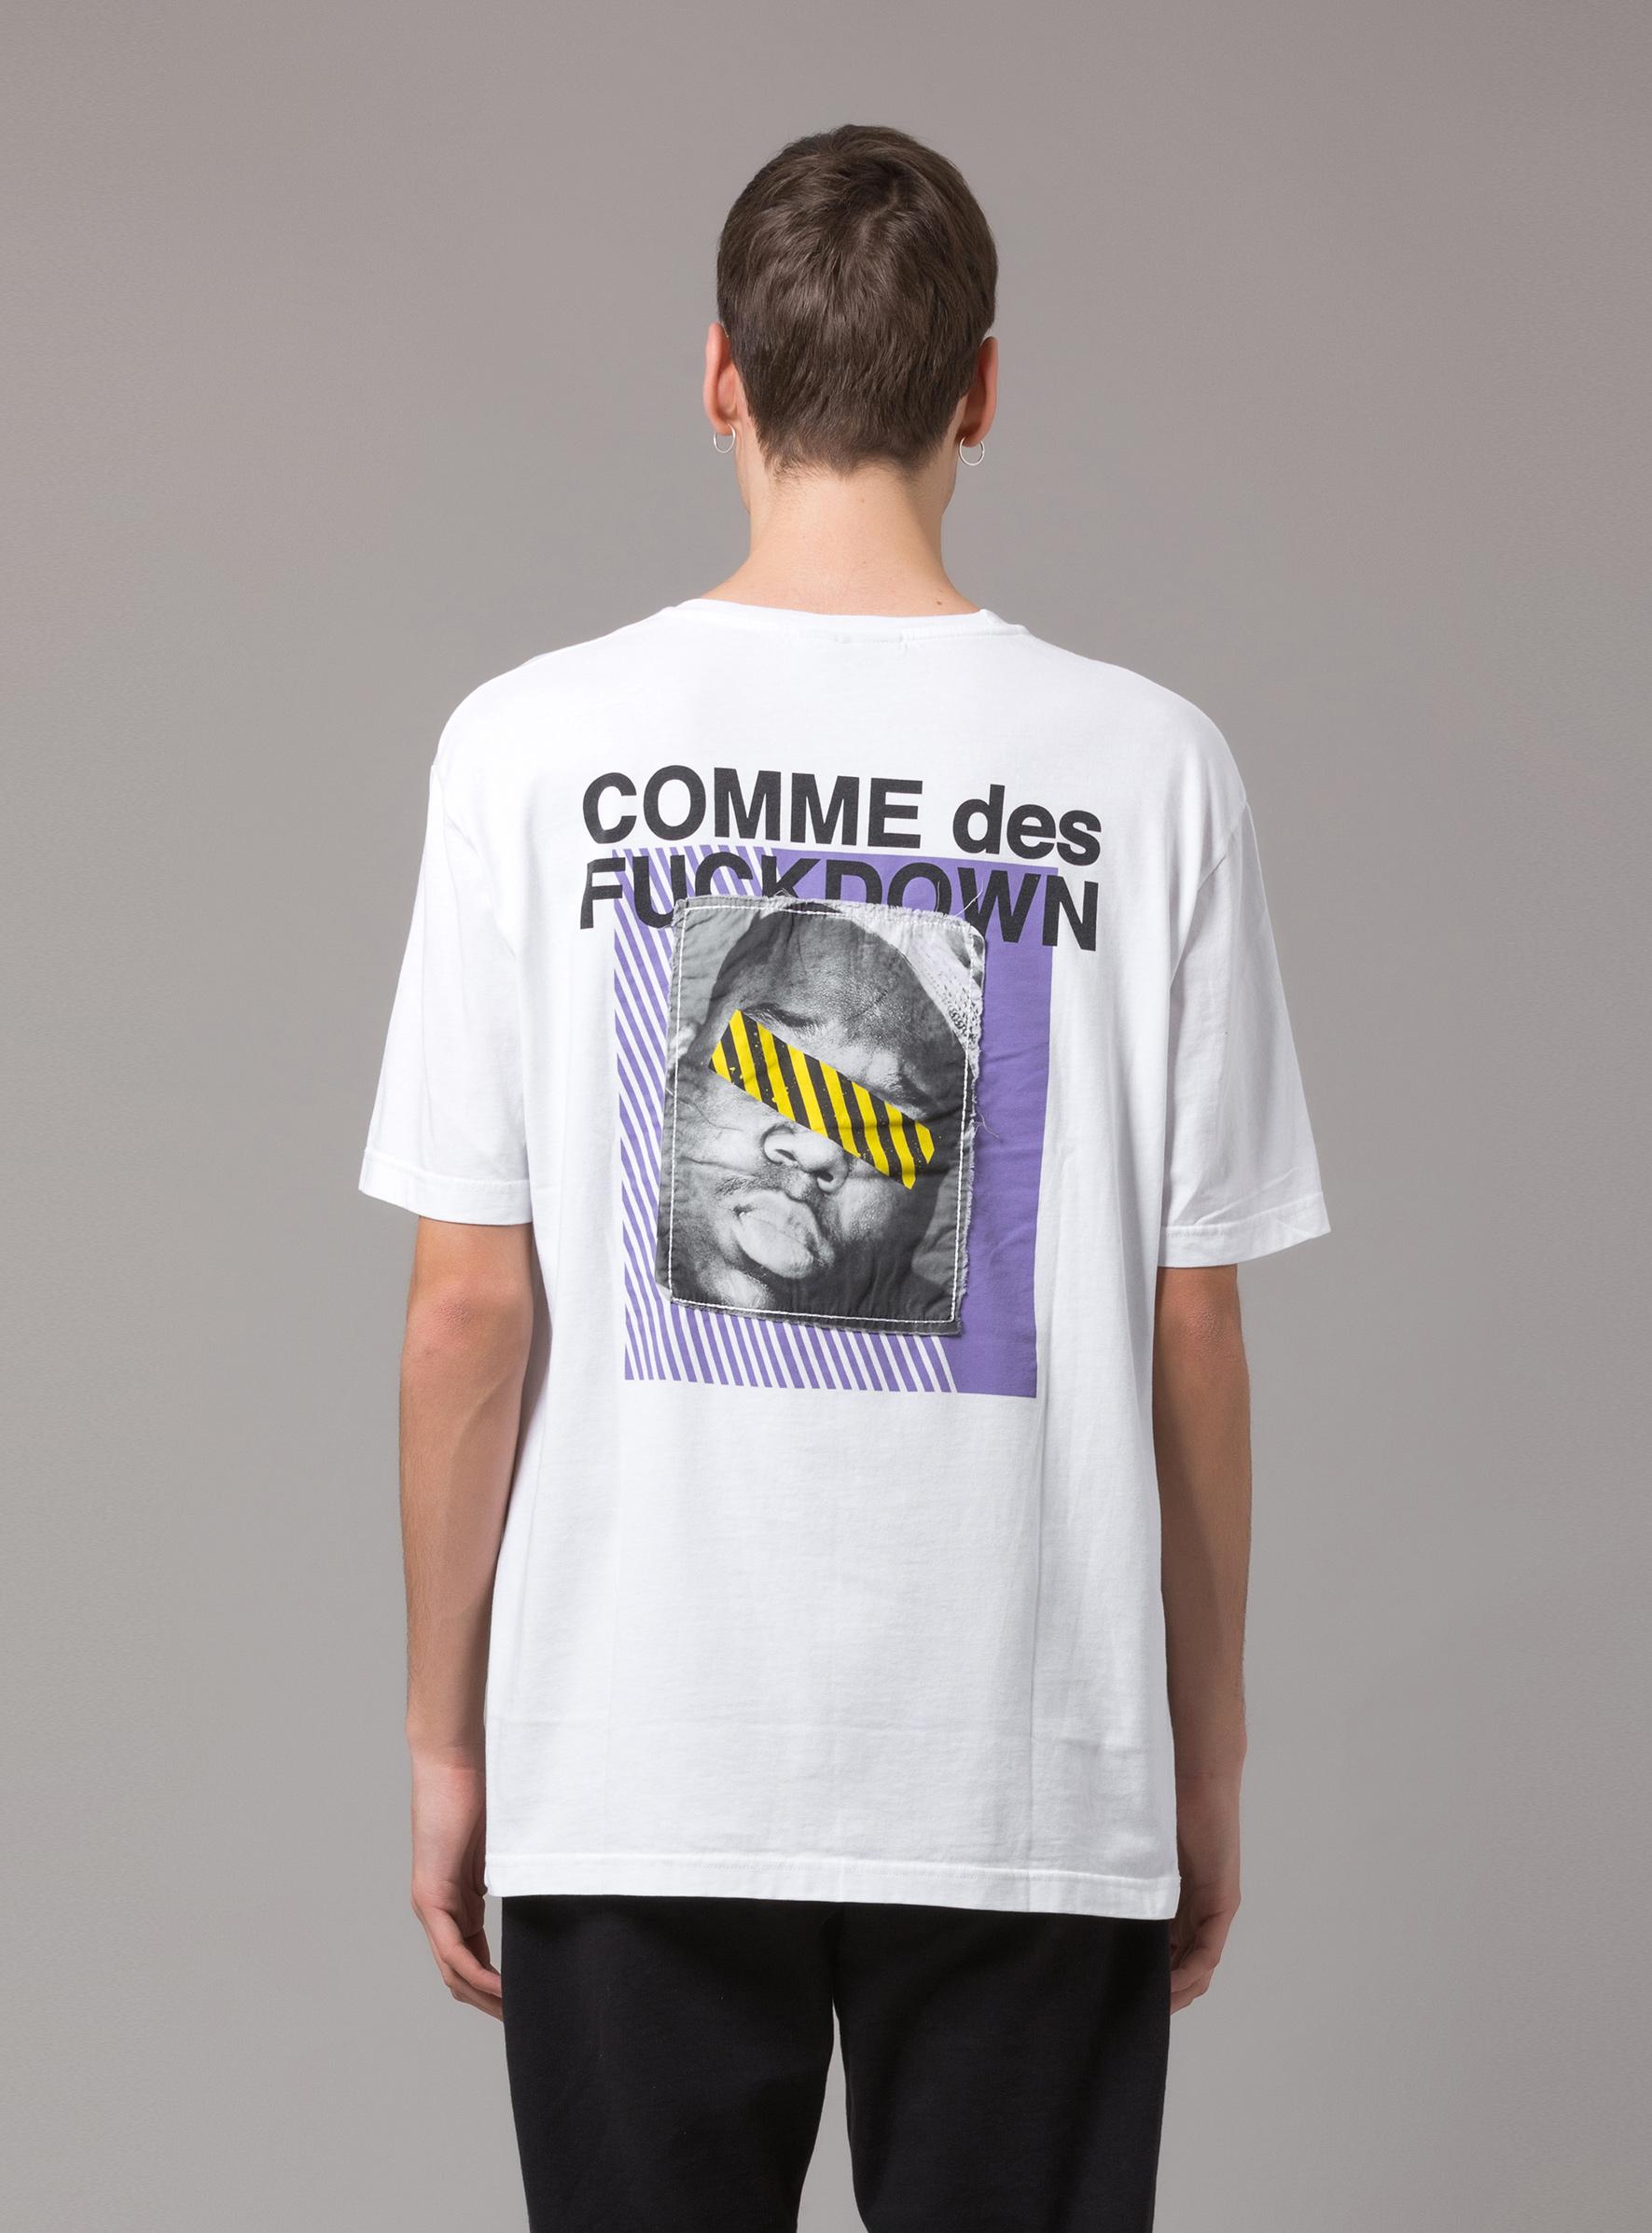 T-SHIRT - CDFU248 - COMME DES FKDOWN